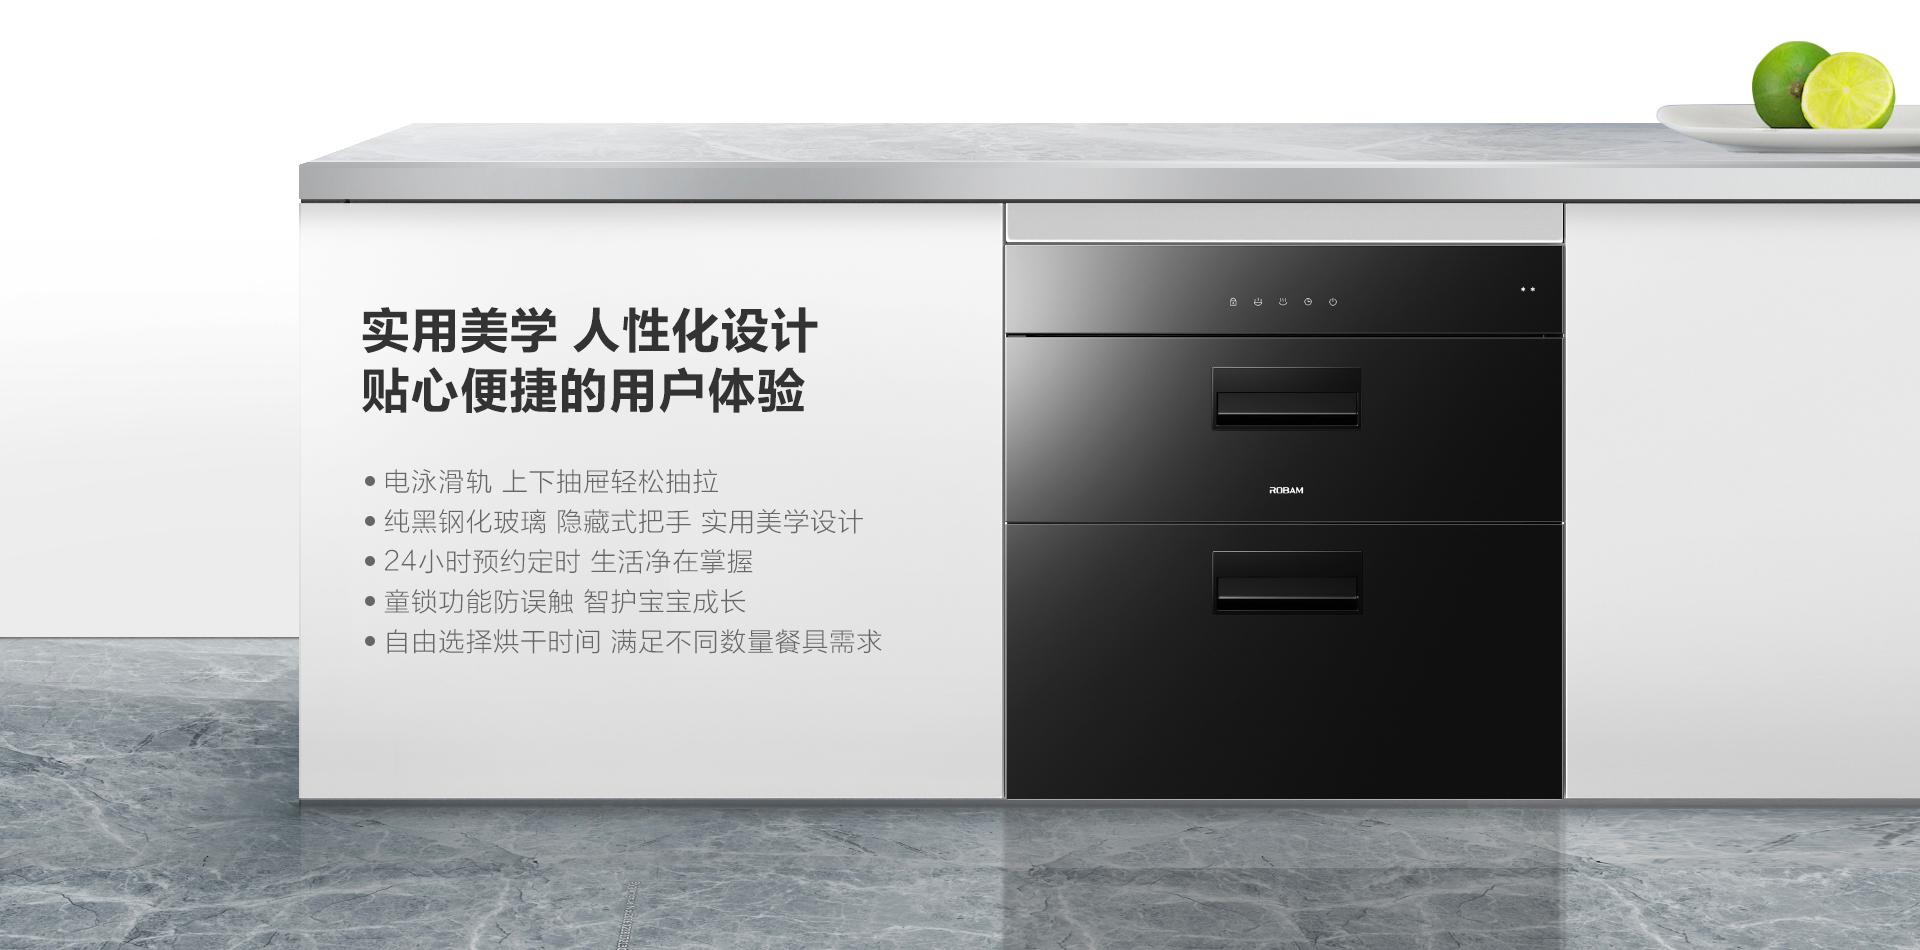 XB831消毒柜-上新-PC端-190918_05.jpg